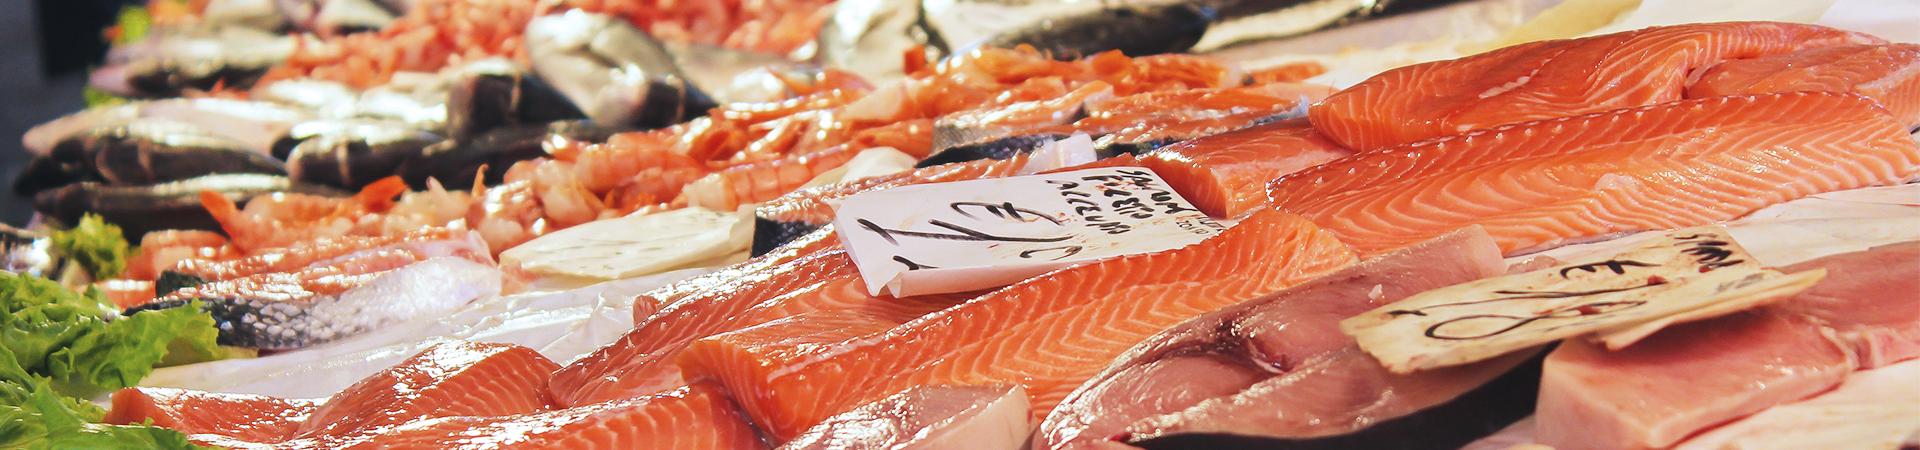 Vishandel van Nunen Home page banner